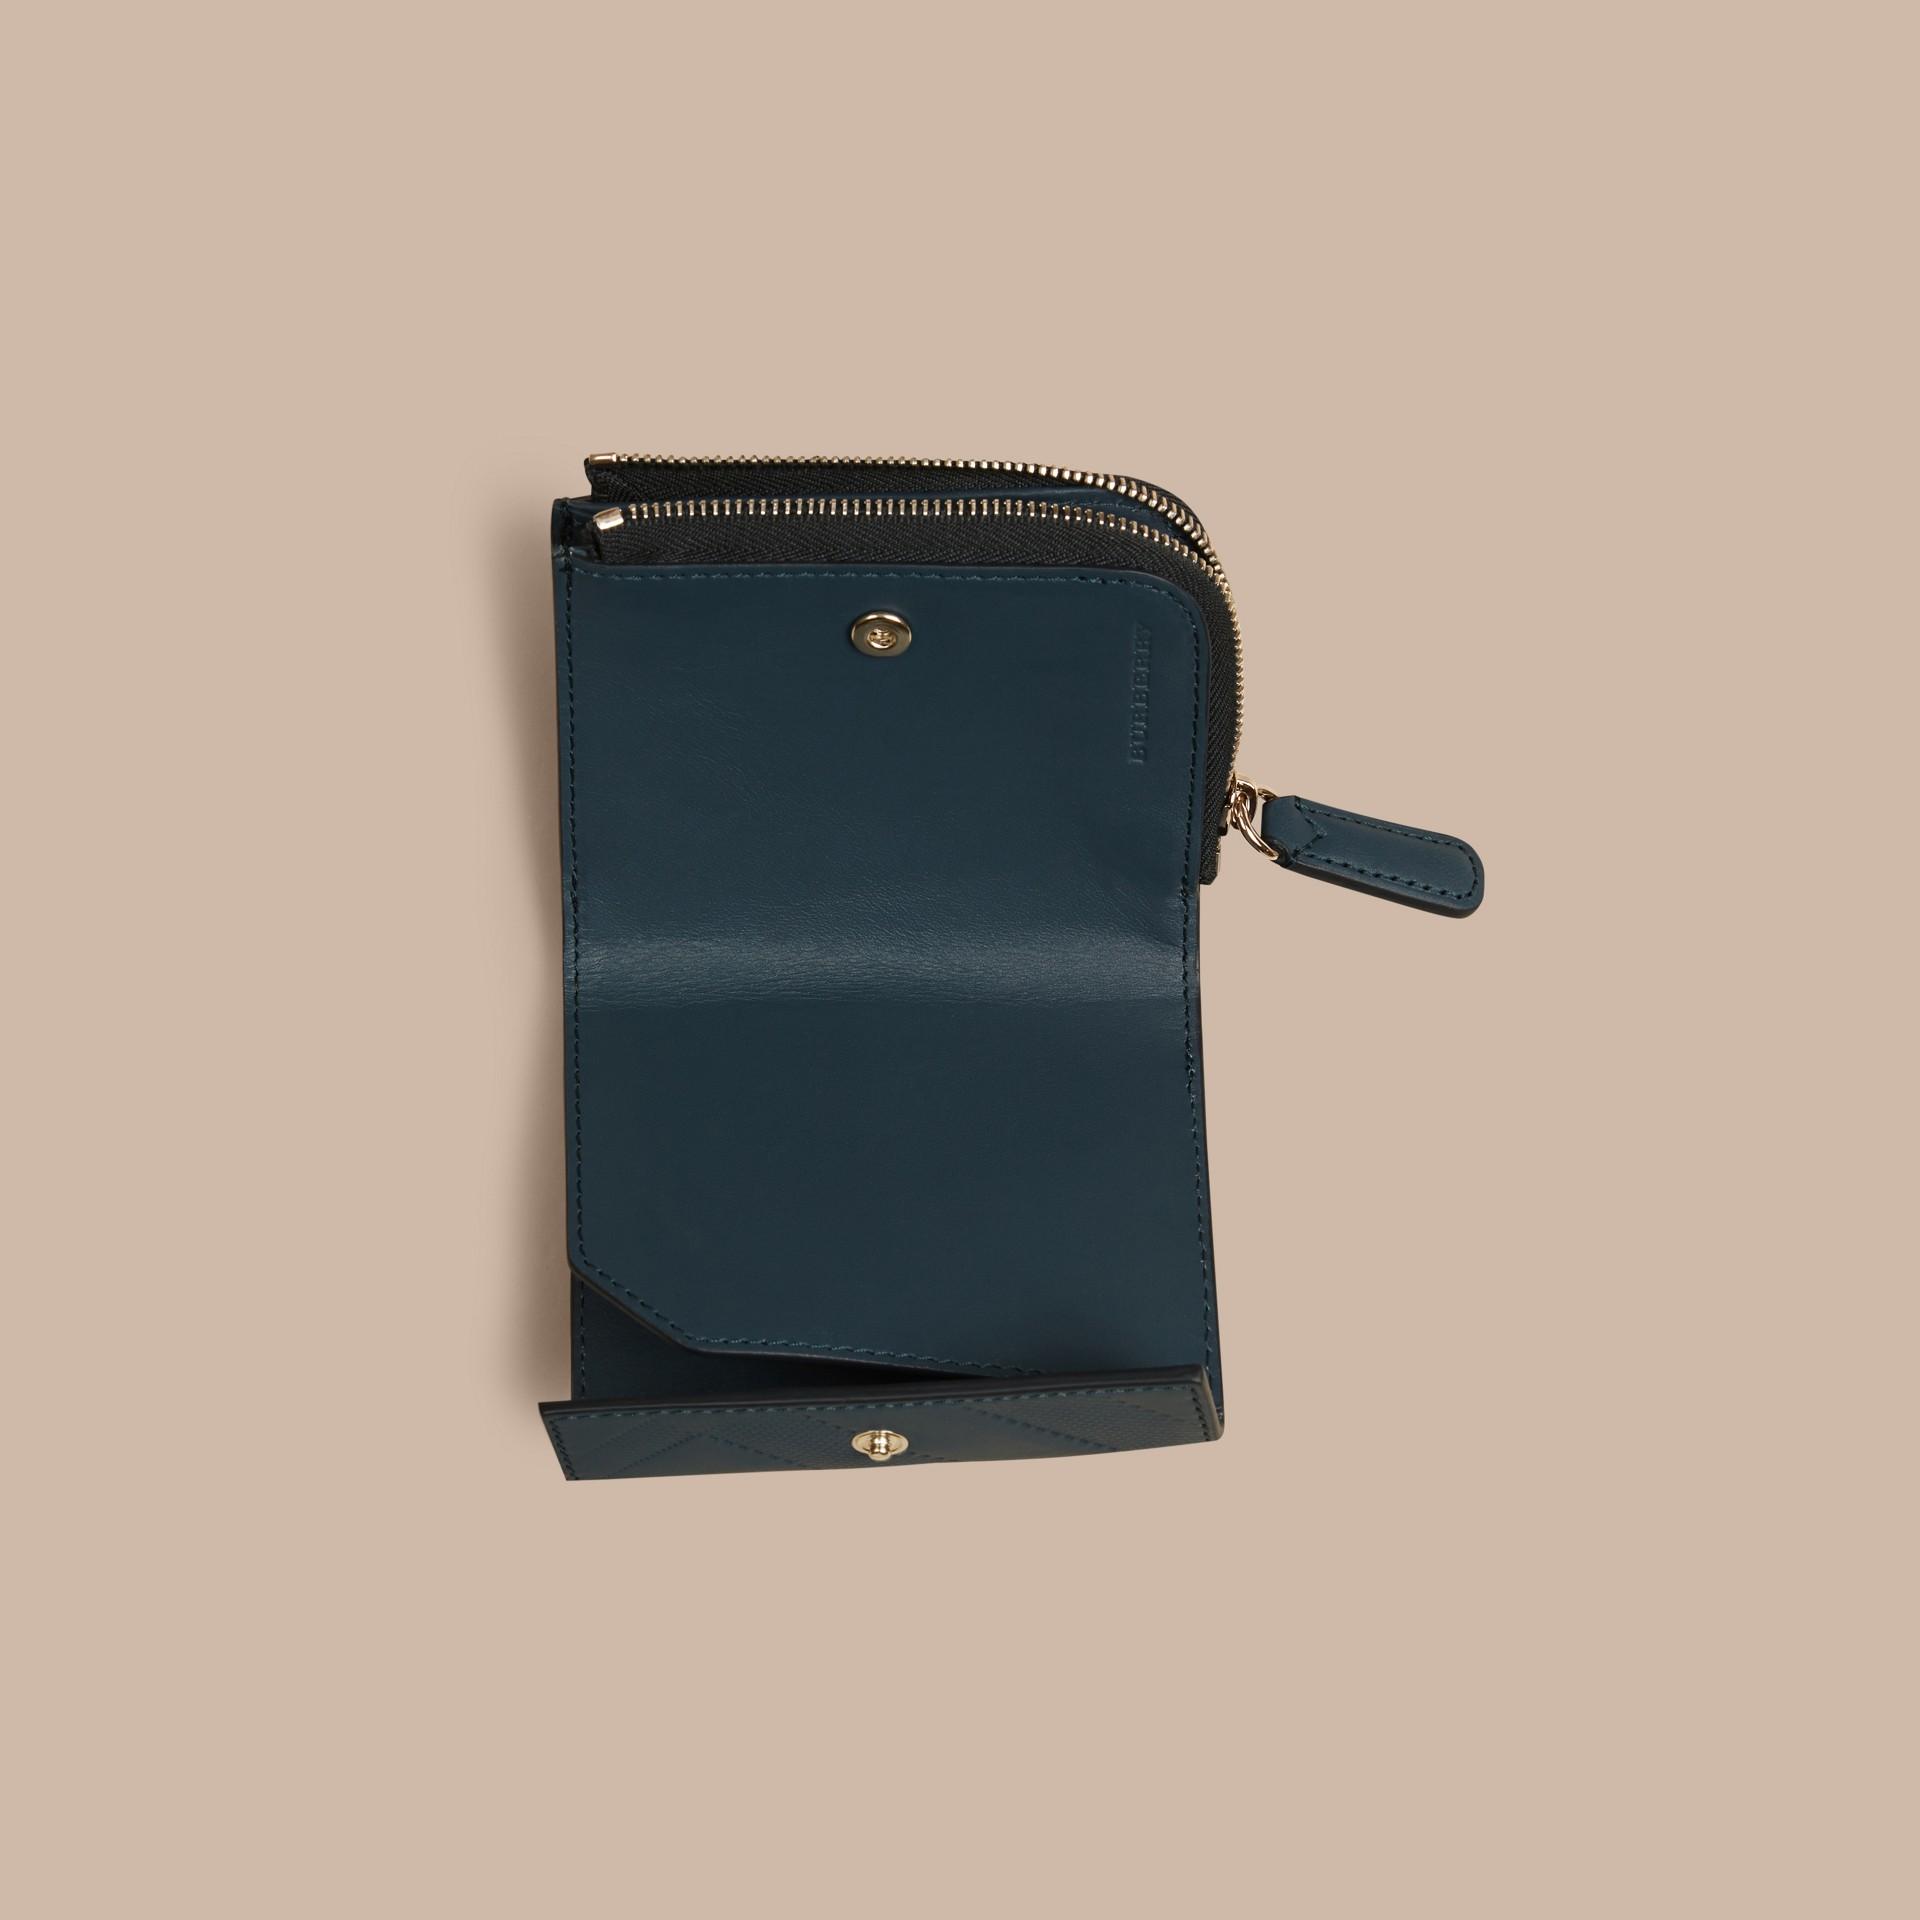 Stahlblau Faltbrieftasche aus Leder mit Check-Prägung Stahlblau - Galerie-Bild 5